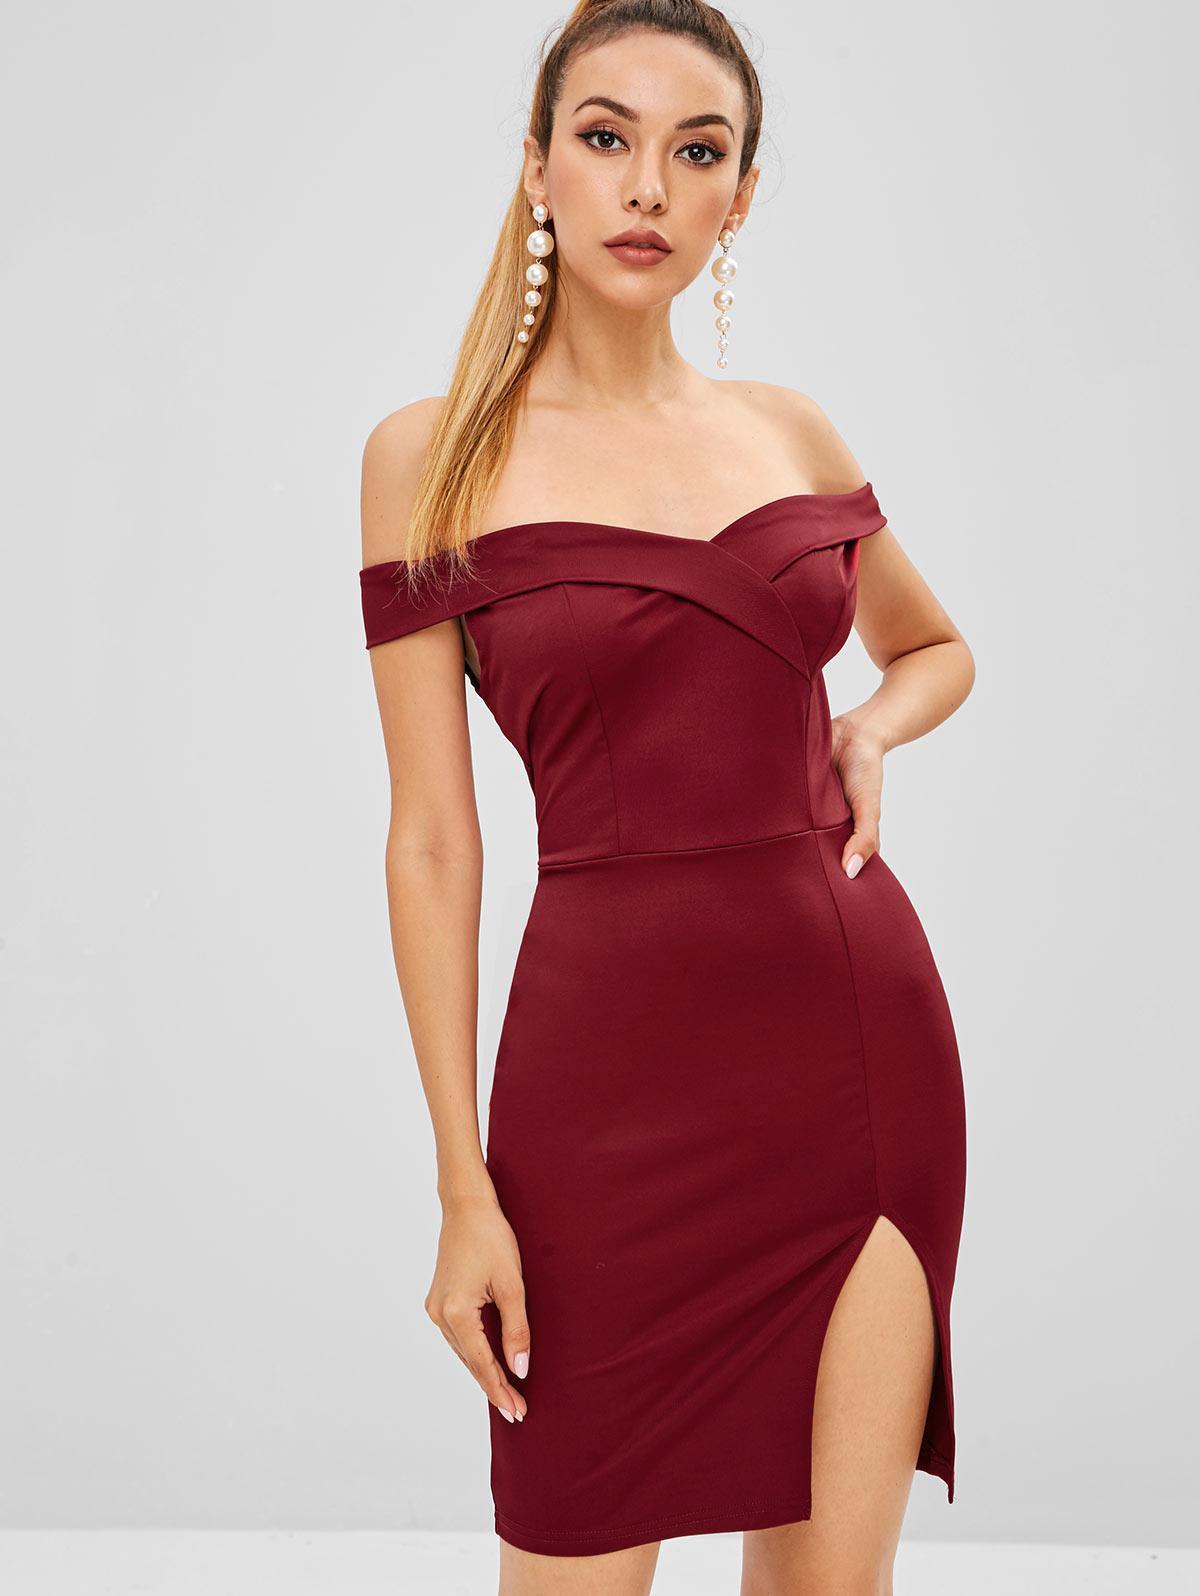 Foldover Bodycon Mini Party Dress фото